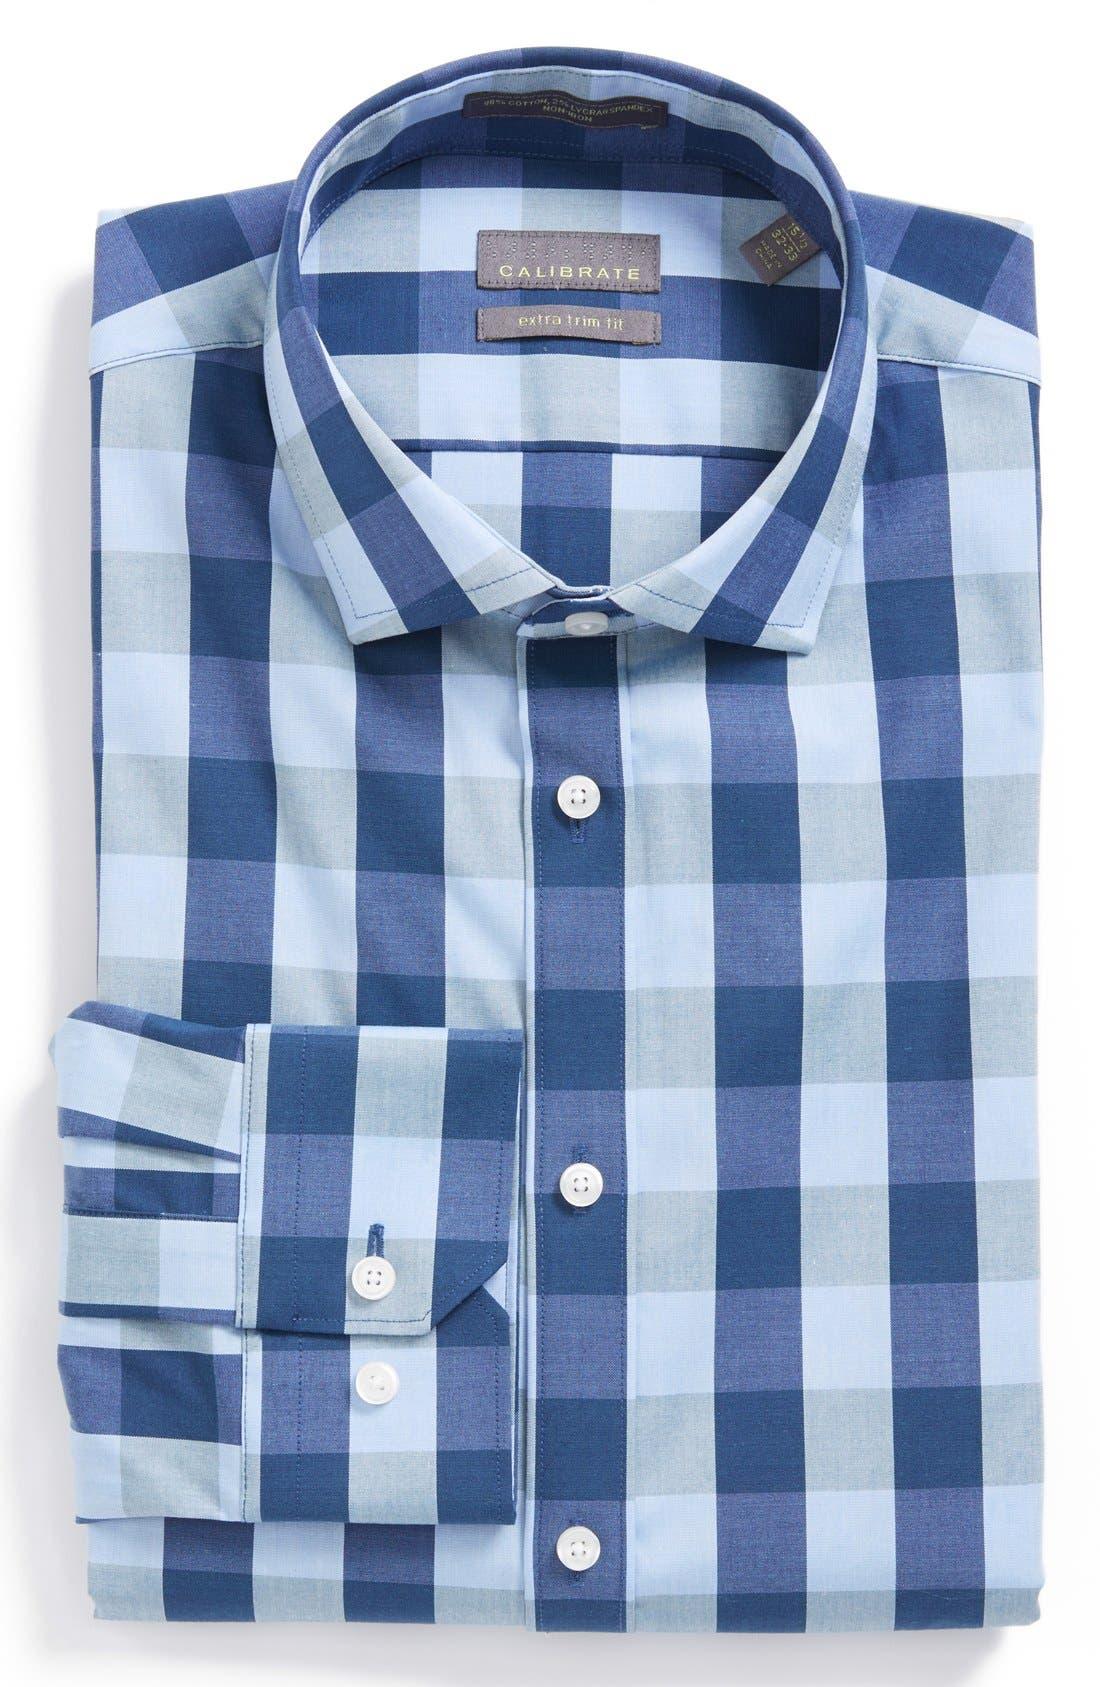 Main Image - Calibrate Extra Trim Fit Stretch Dress Shirt